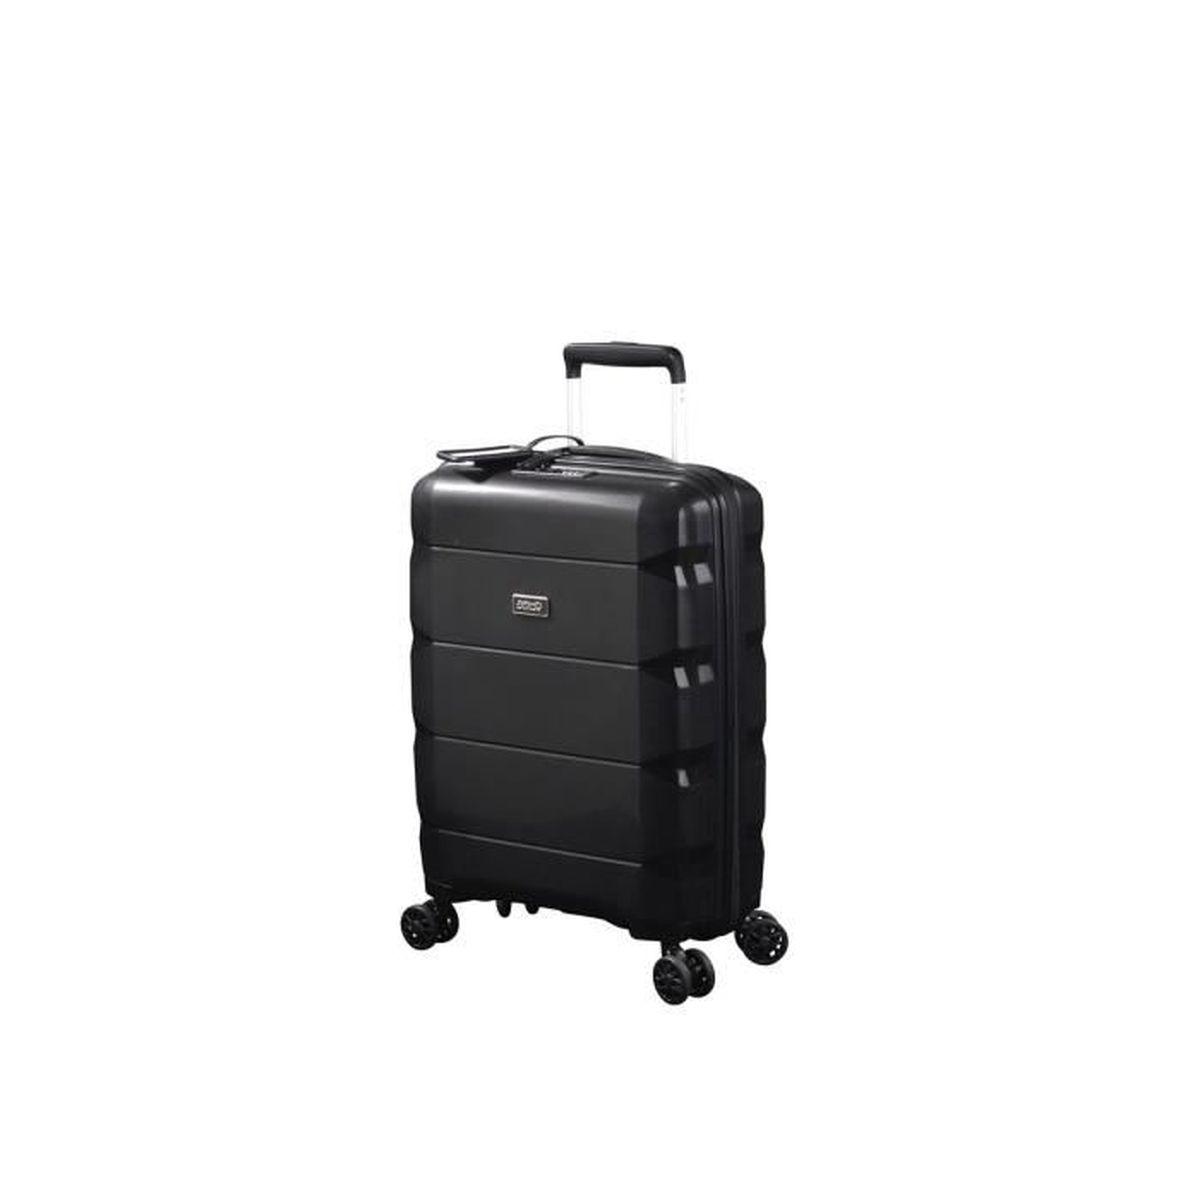 VALISE - BAGAGE Jump - Valise cabine Odda (AL20) noir  taille 55 c